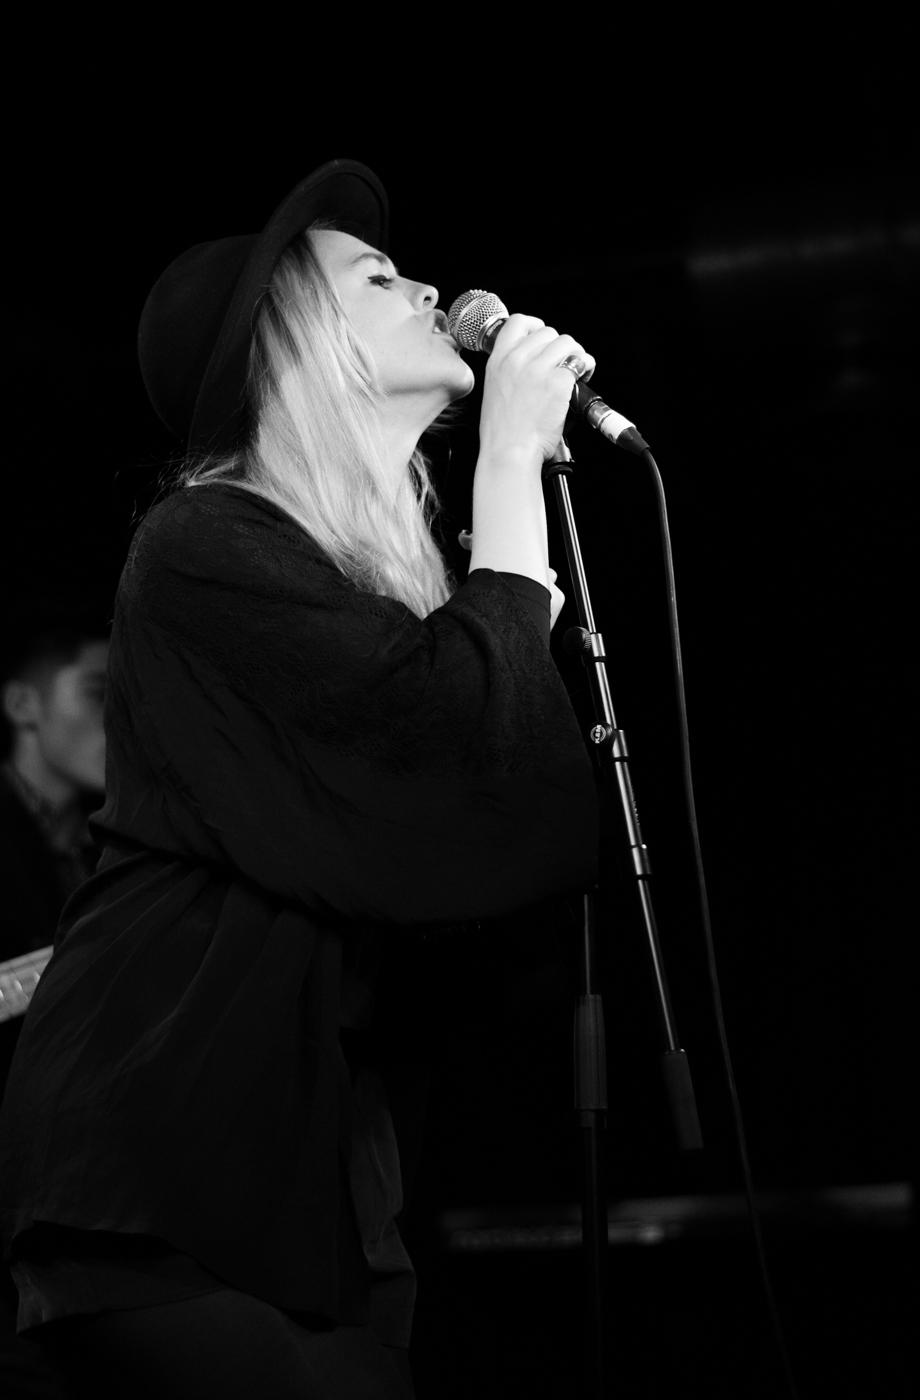 Lexy & The Kill Hoxton-9